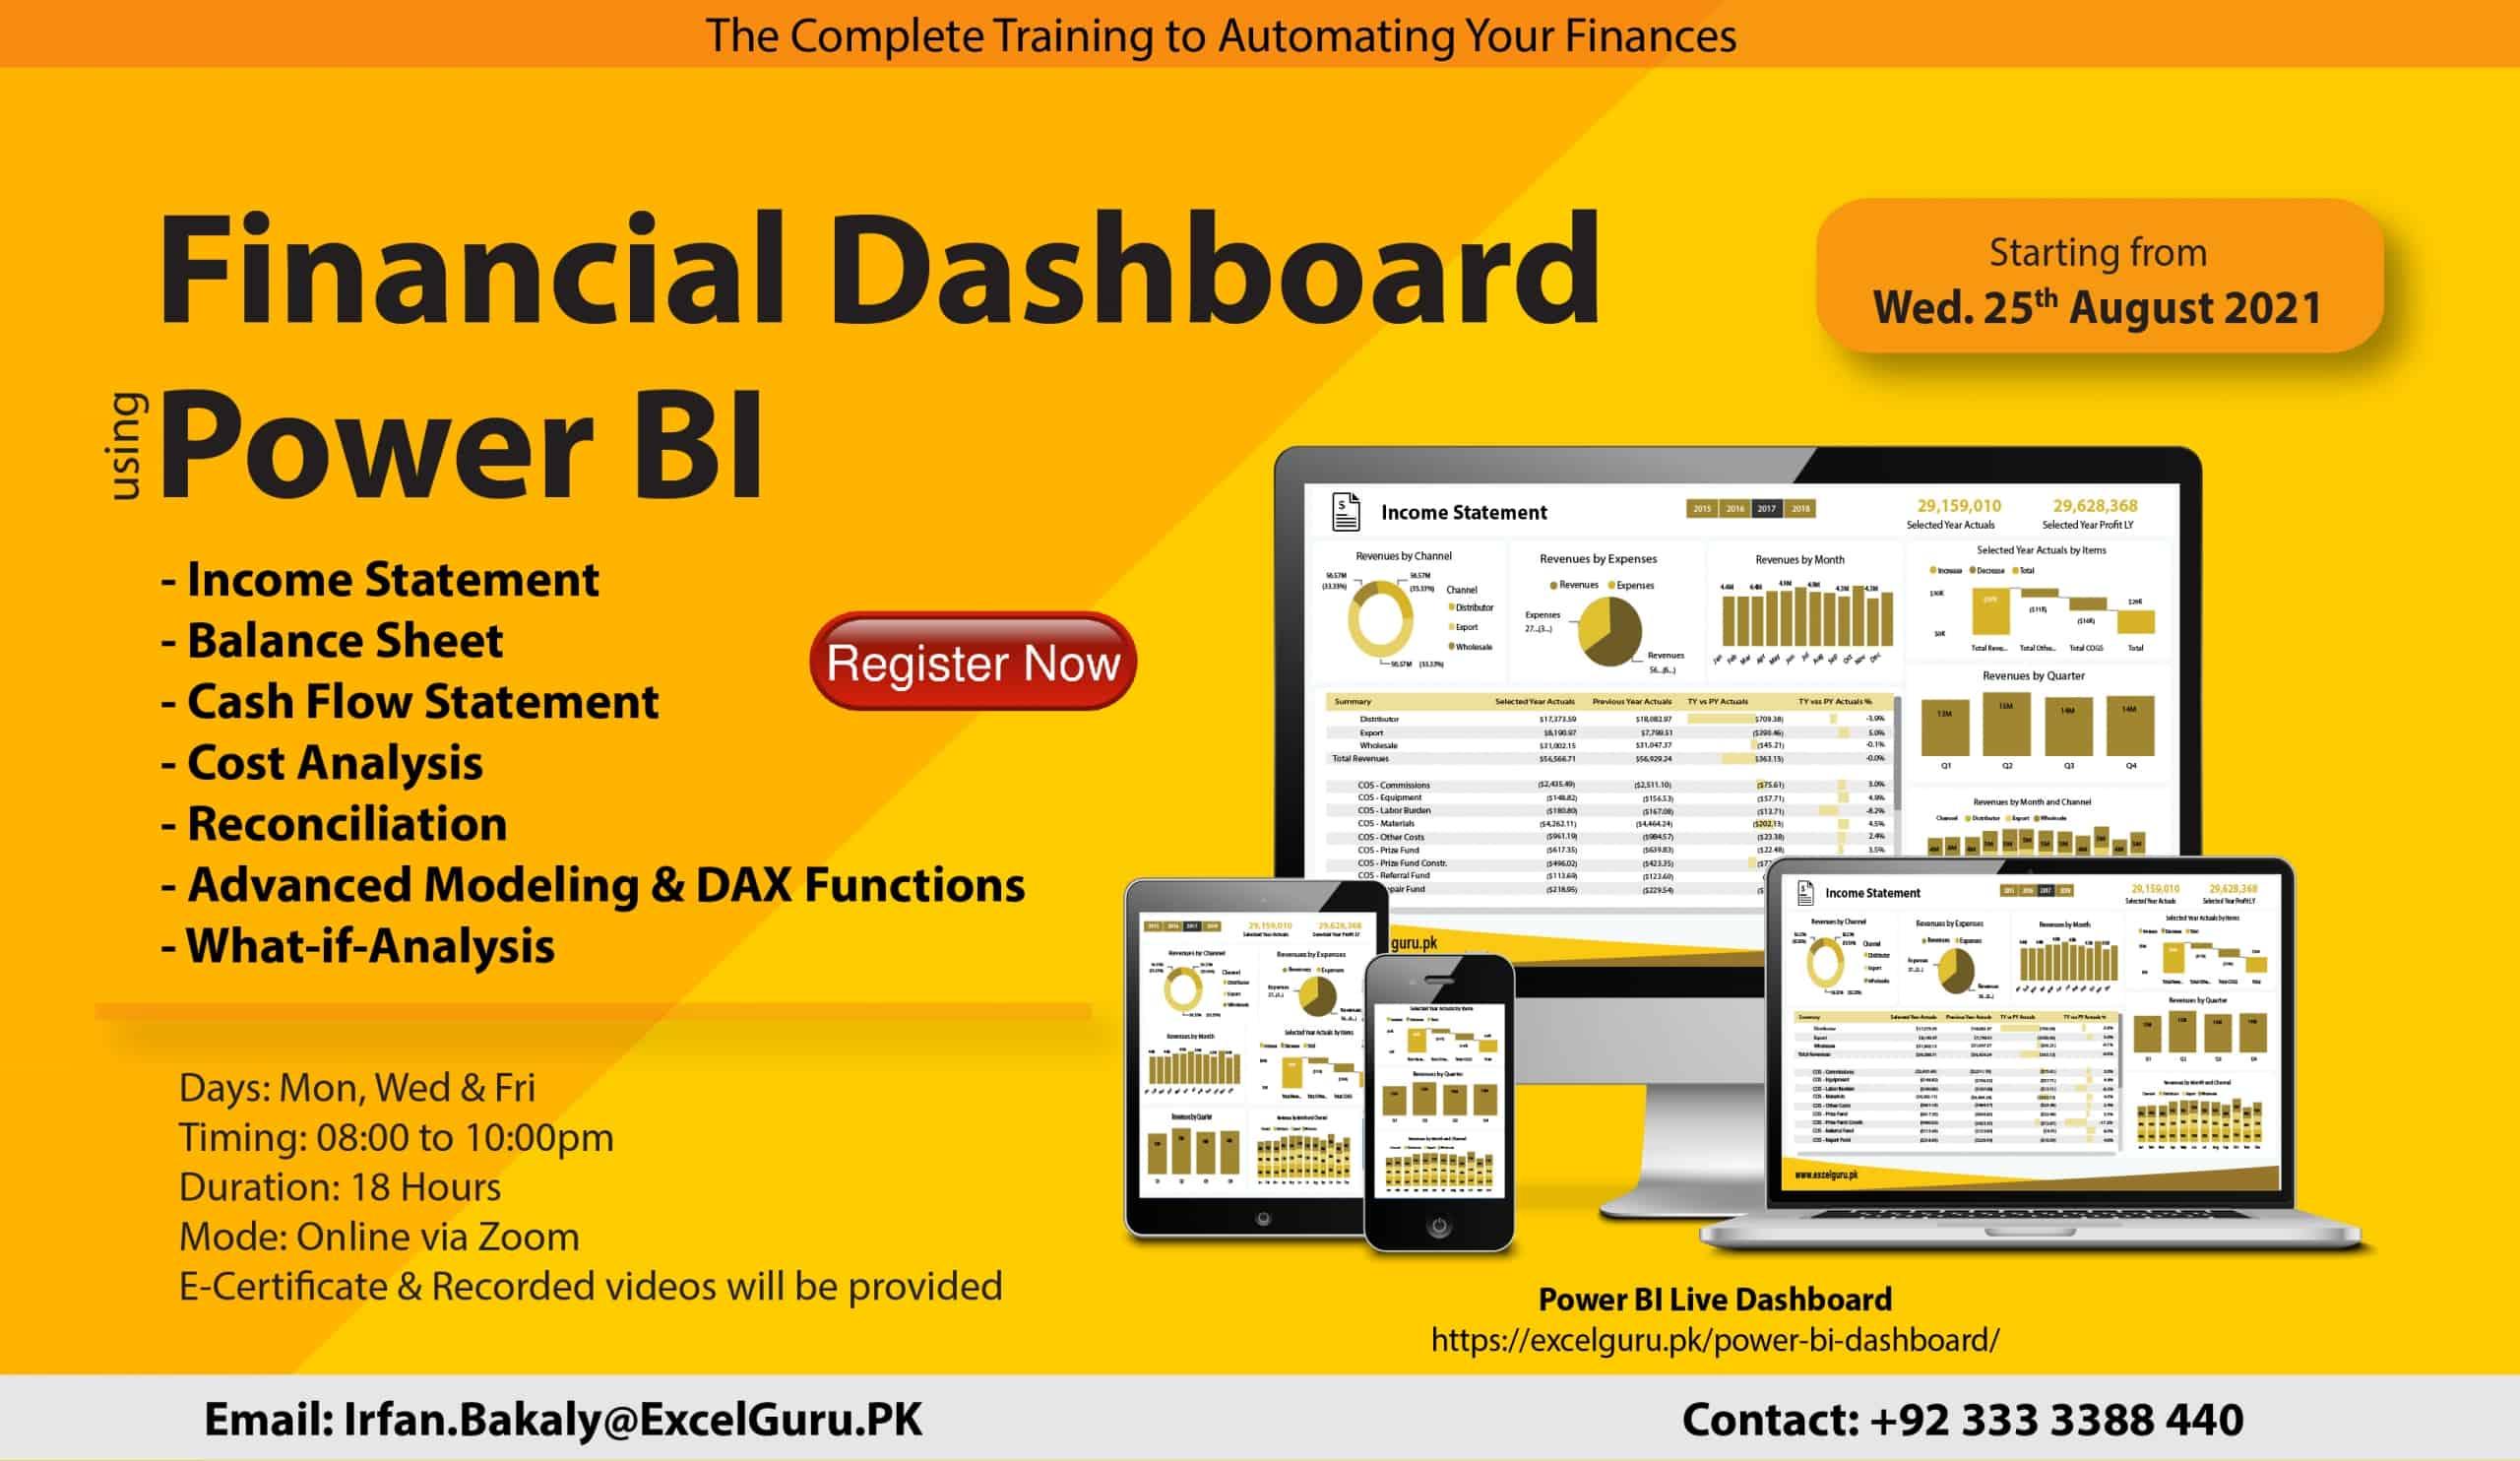 Financial Dashboard using Power BI